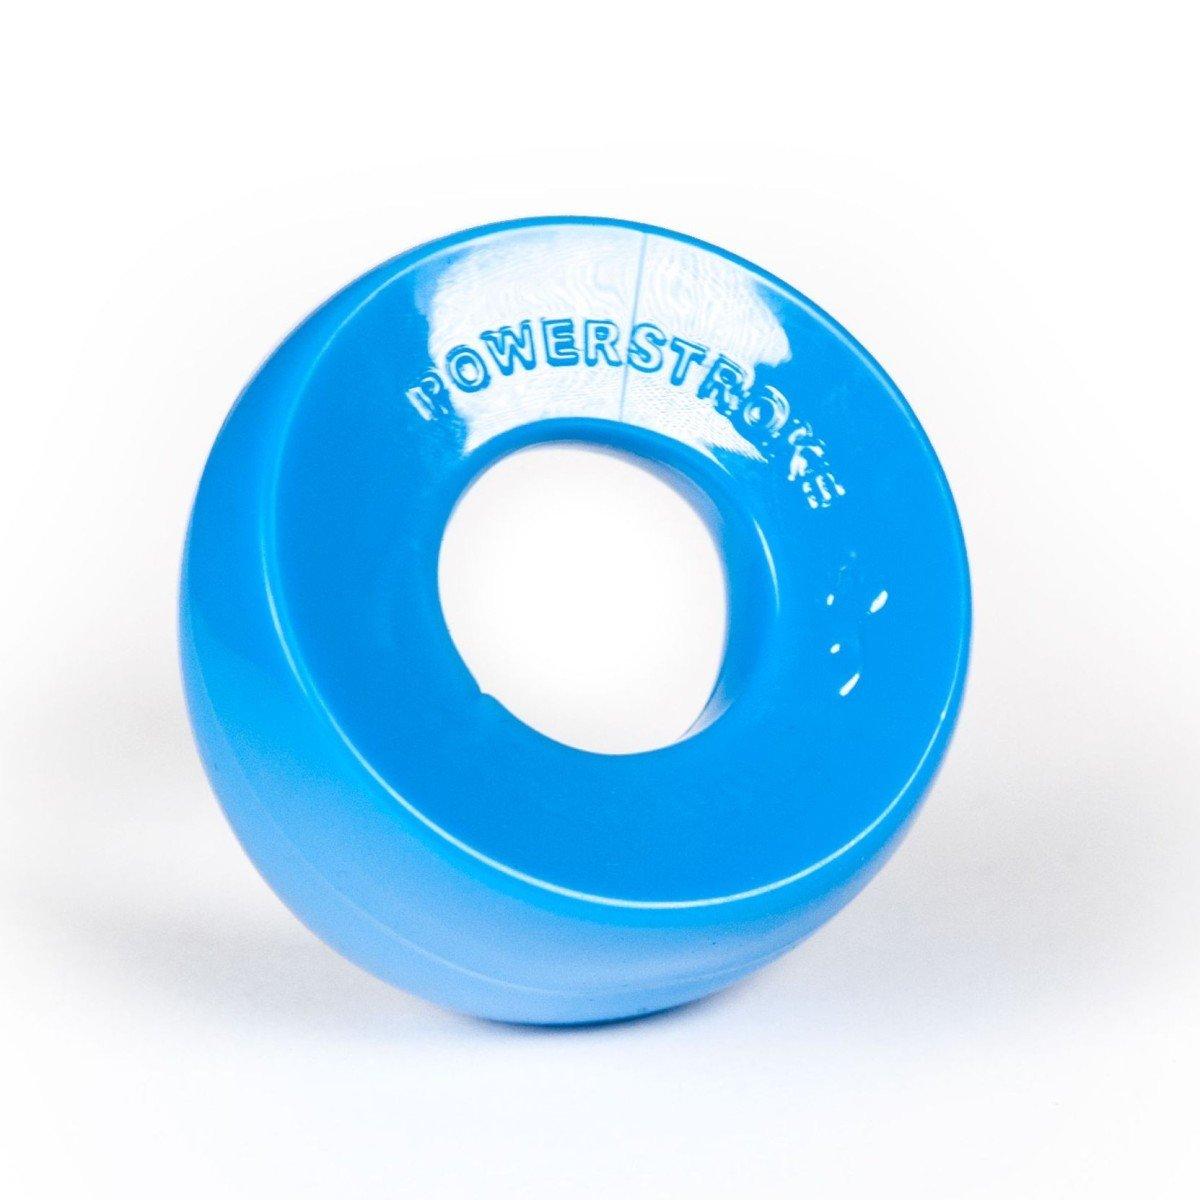 Erekční kroužek Zizi Powerstroke modrý